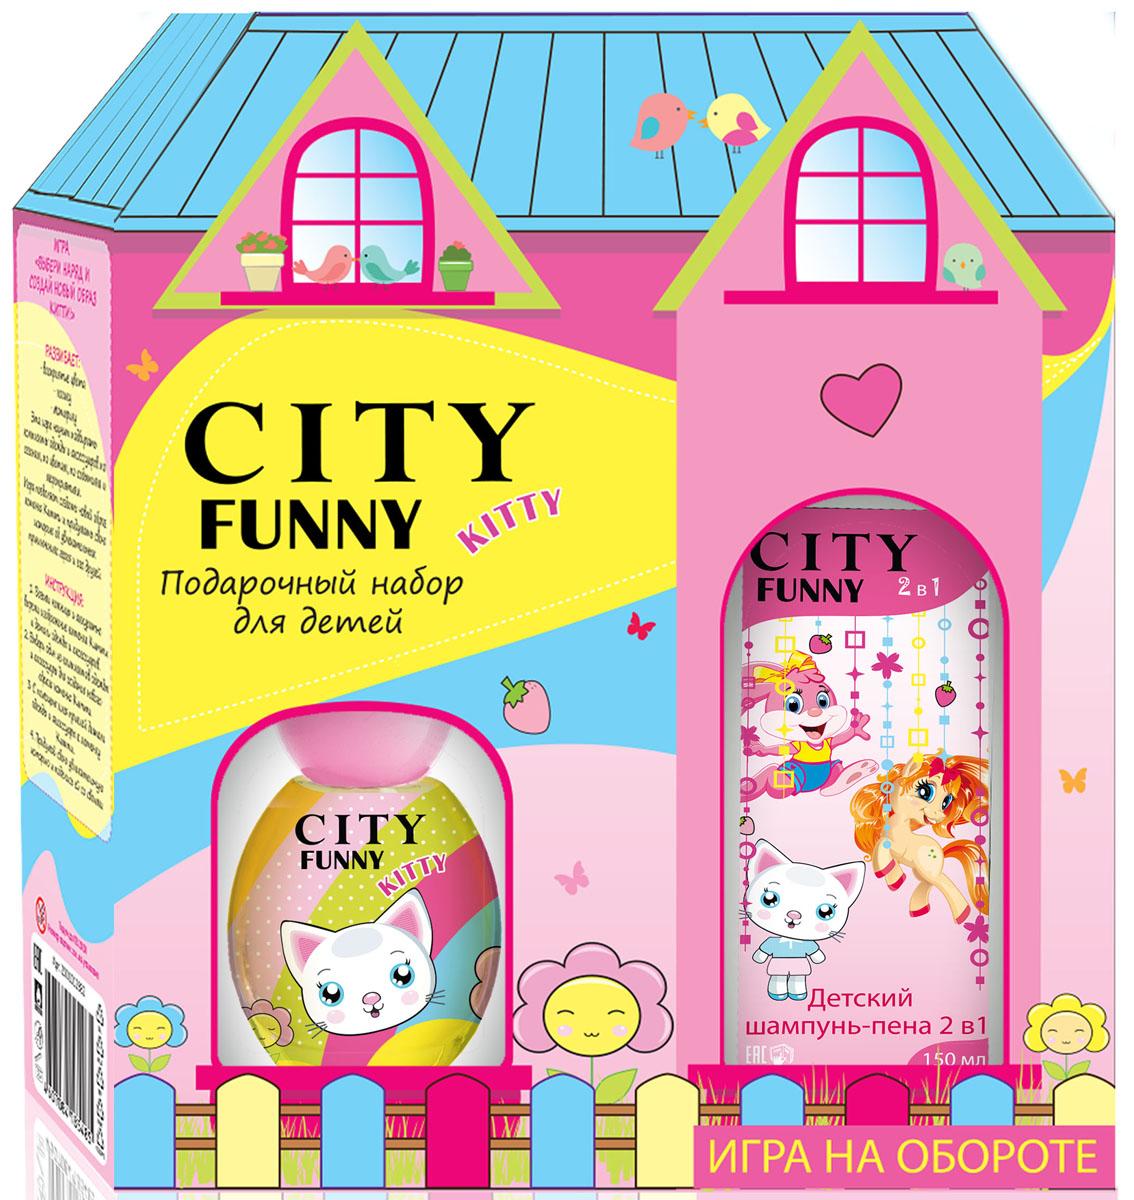 City Parfum Парфюмированный набор: City Funny Kitty Душистая вода, 30 мл + Шампунь-пена 2в1 City Funny, 150 мл2001012882В Подарочный набор входит: Очаровательный City Funny Kitty - это ласковое и милое чудо с добрыми, по-детски искренними глазами, которое подарит сладкие минуты счастья и радости с сахарными нотками сочной клубники + шампунь-пена 2в1 City Funny 150 мл Устоять невозможно!Краткий гид по парфюмерии: виды, ноты, ароматы, советы по выбору. Статья OZON Гид